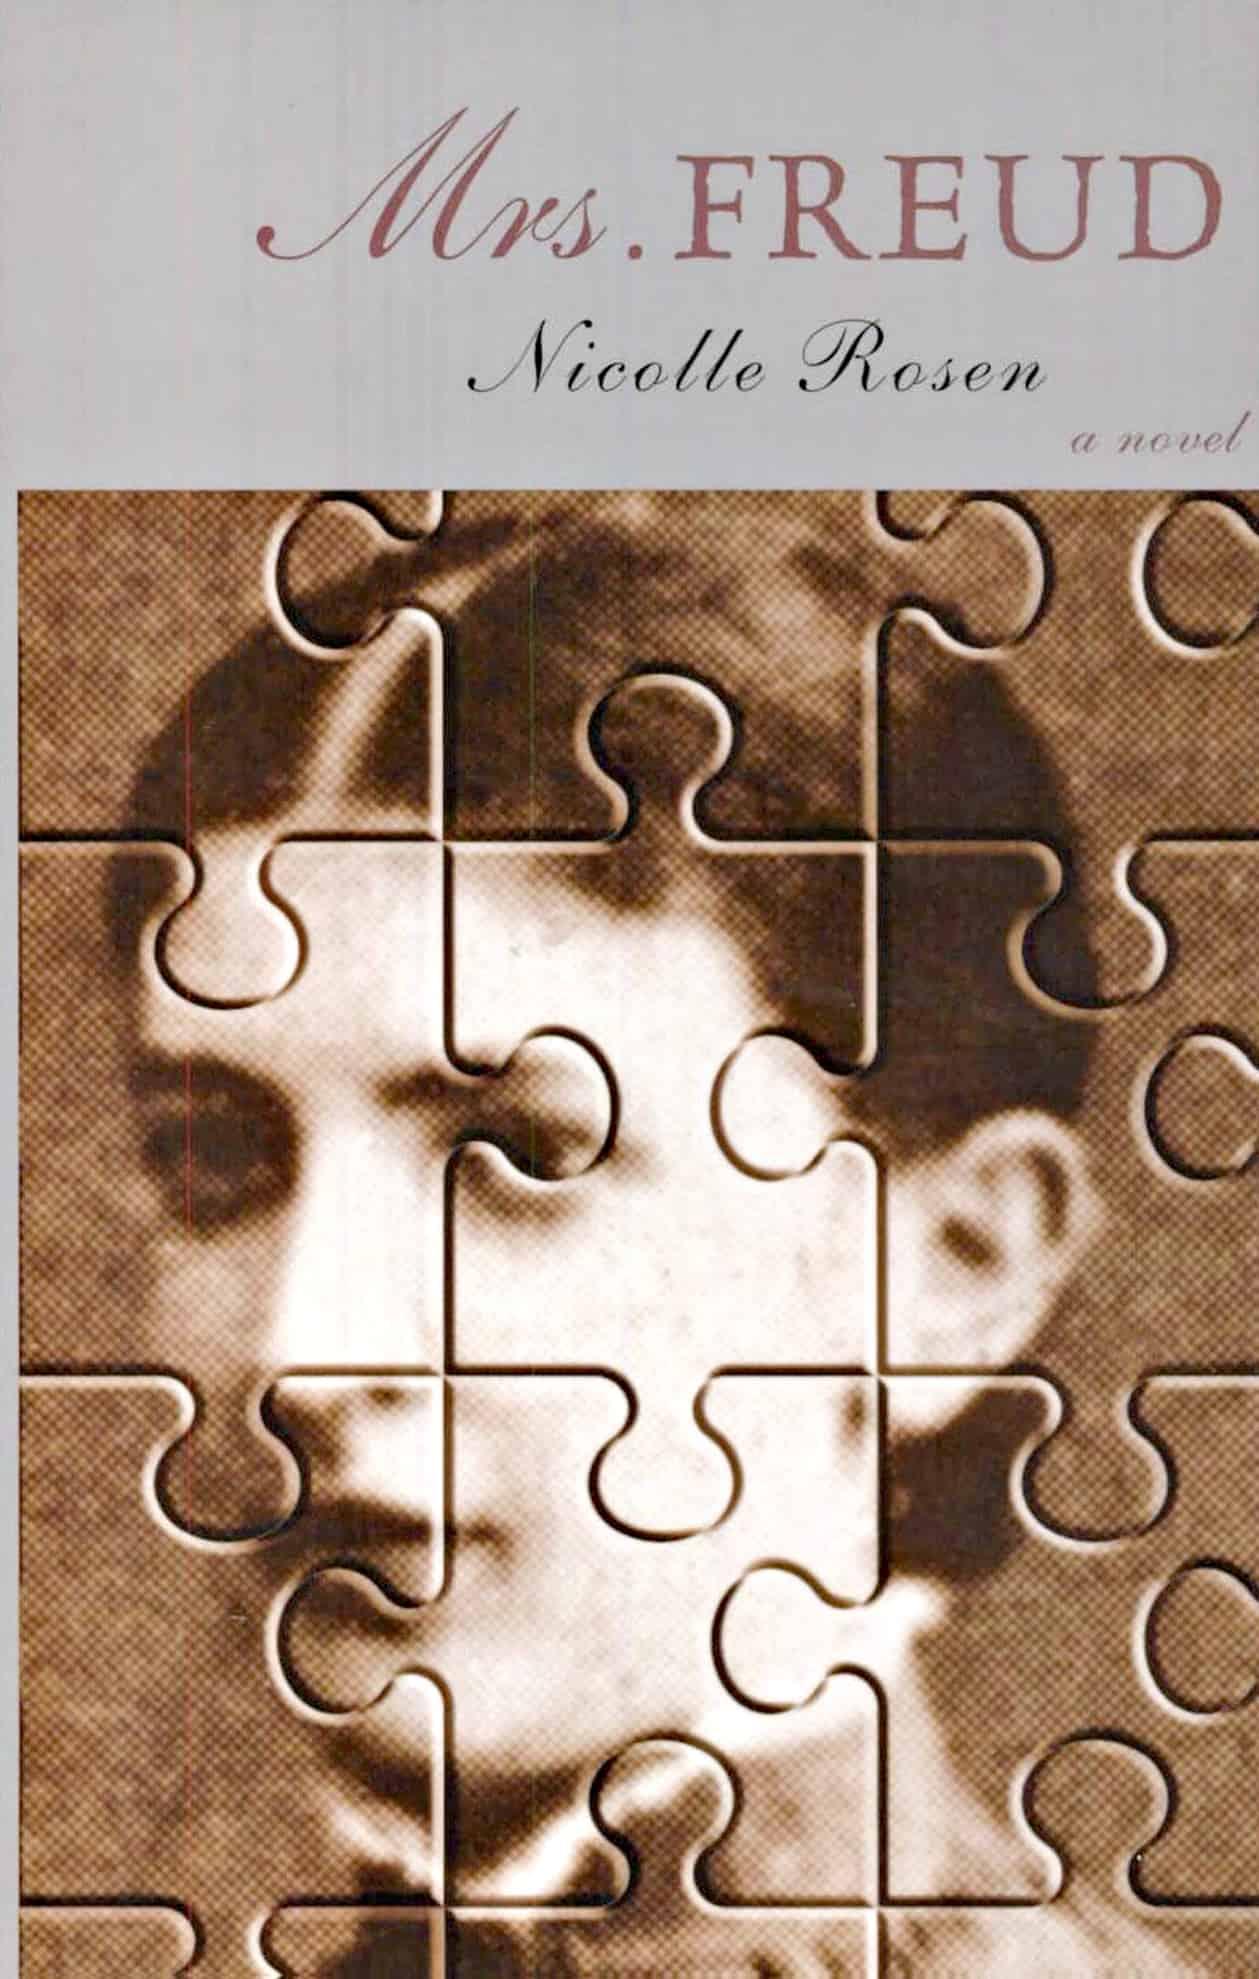 Mrs. Freud - Mrs. Freud: A Novel